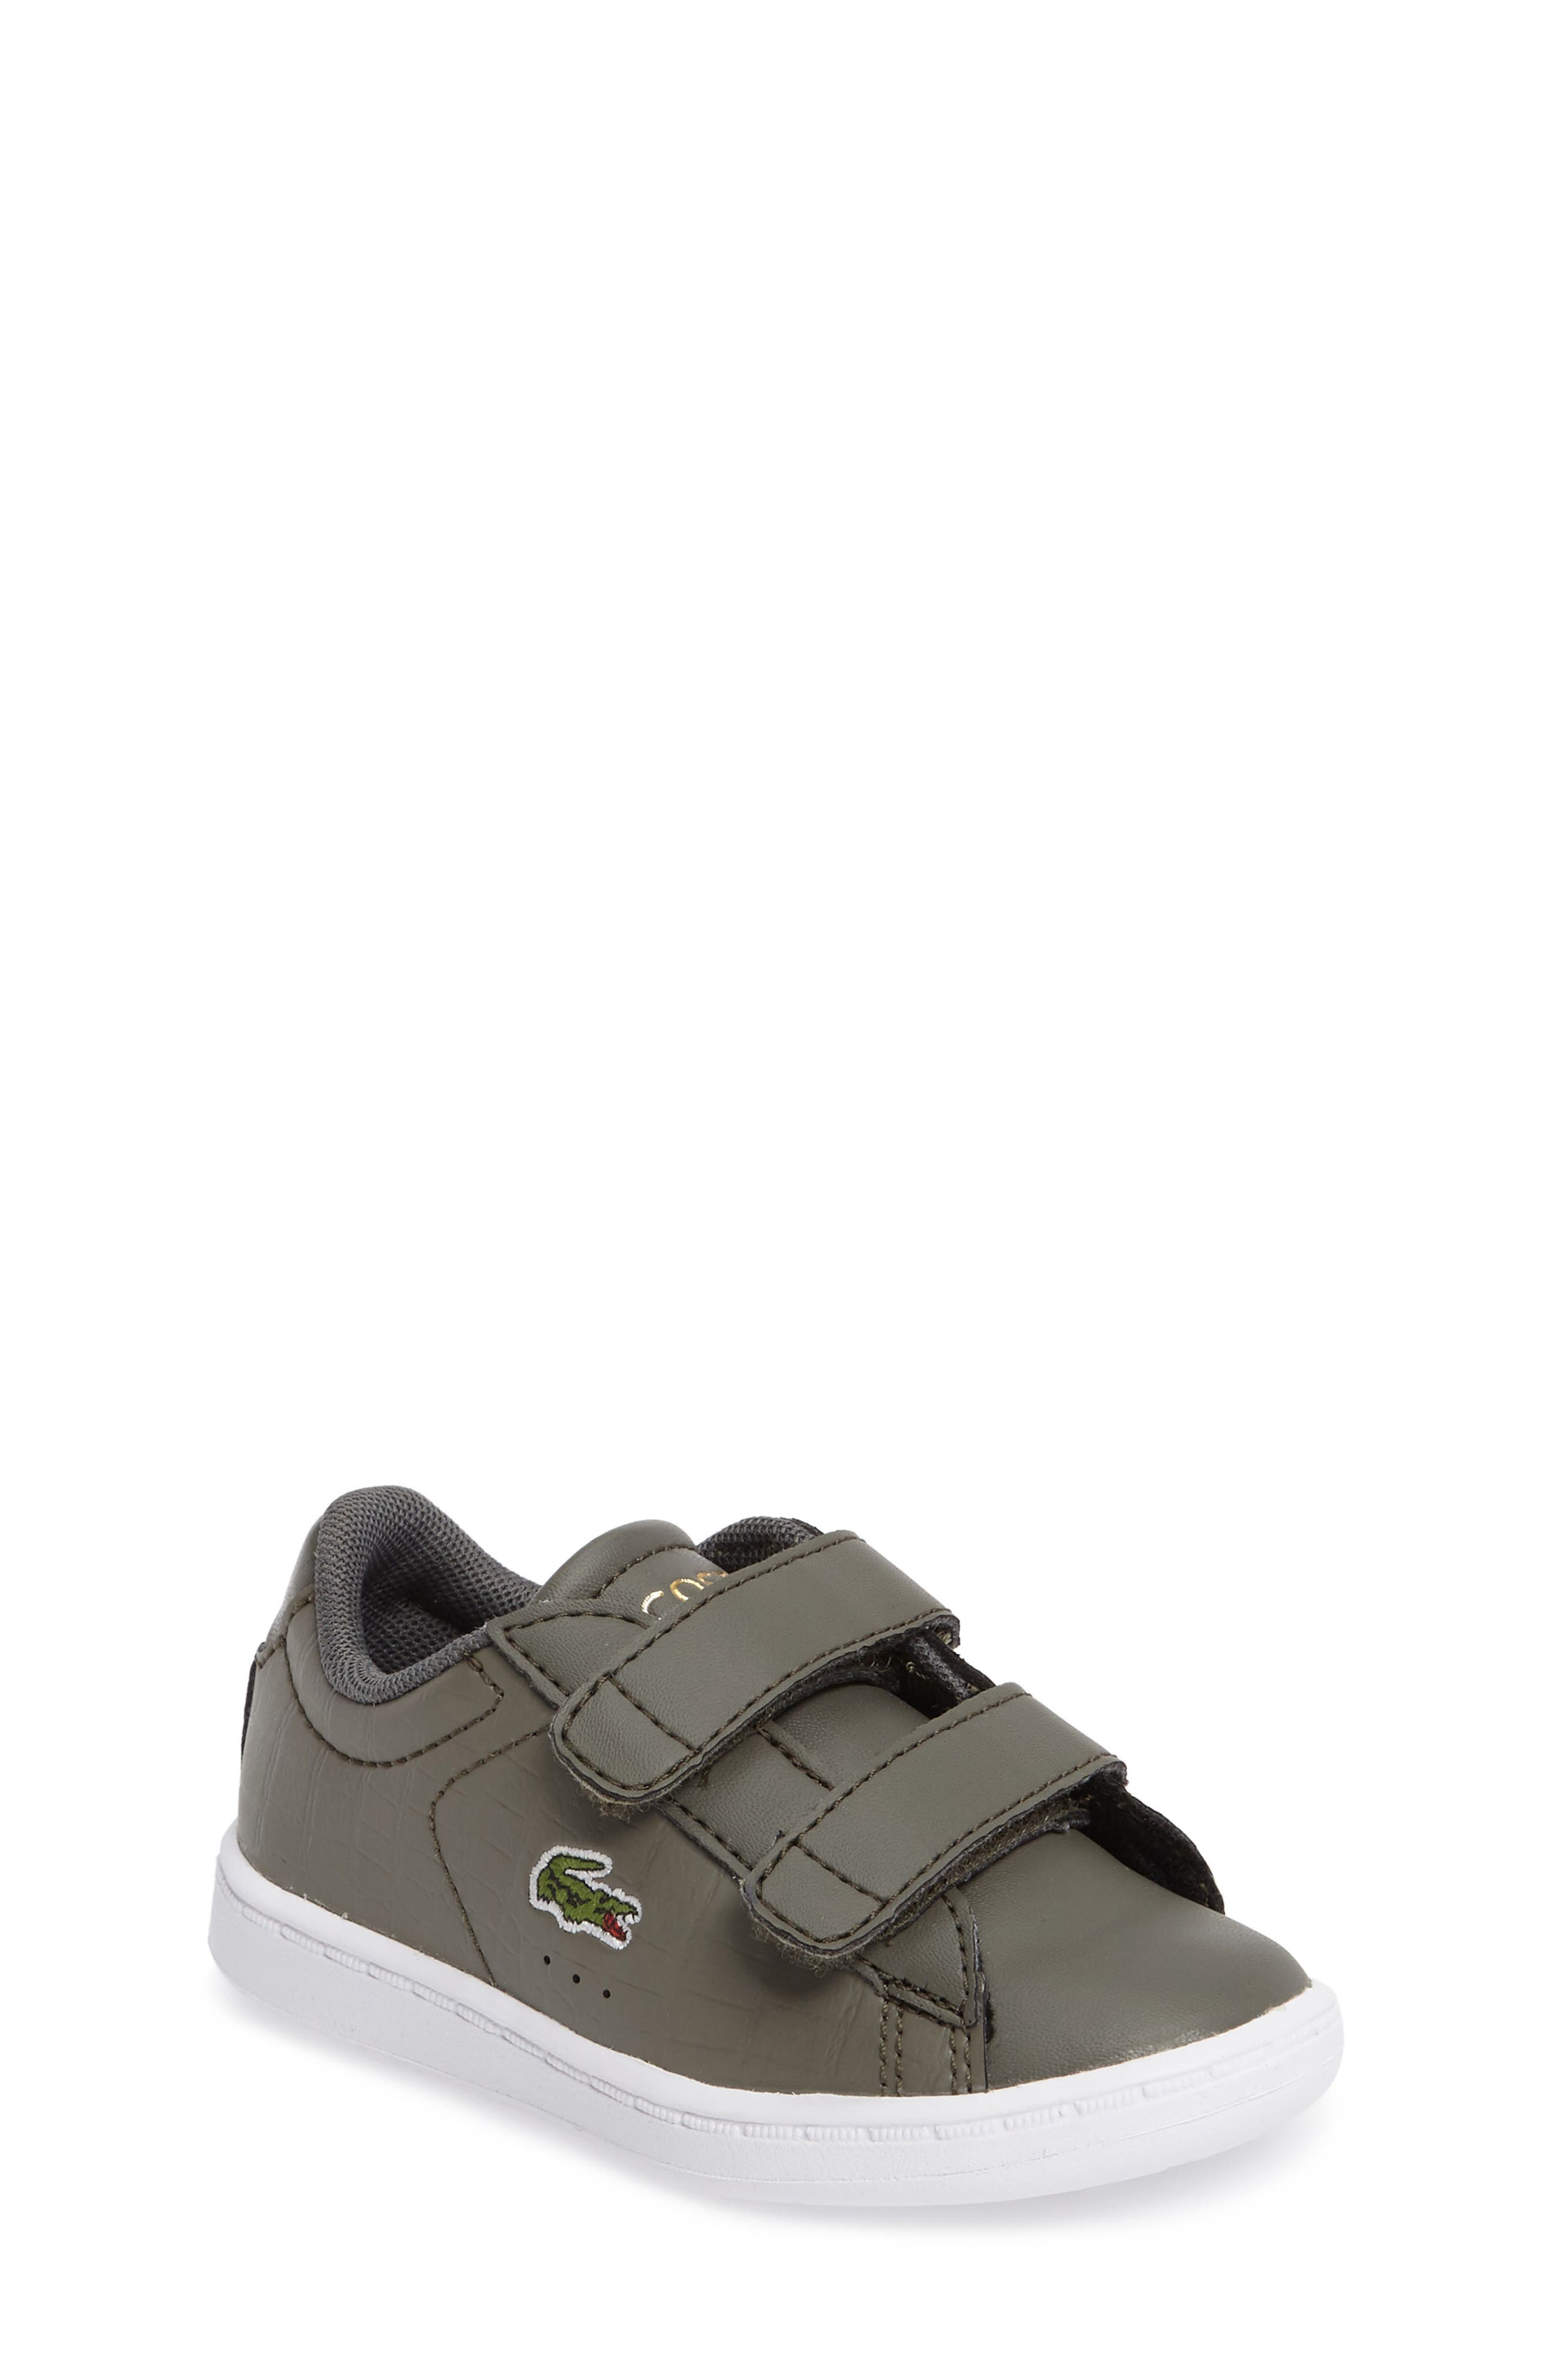 Lacoste Carnaby Evo Sneaker (Baby, Walker & Toddler)